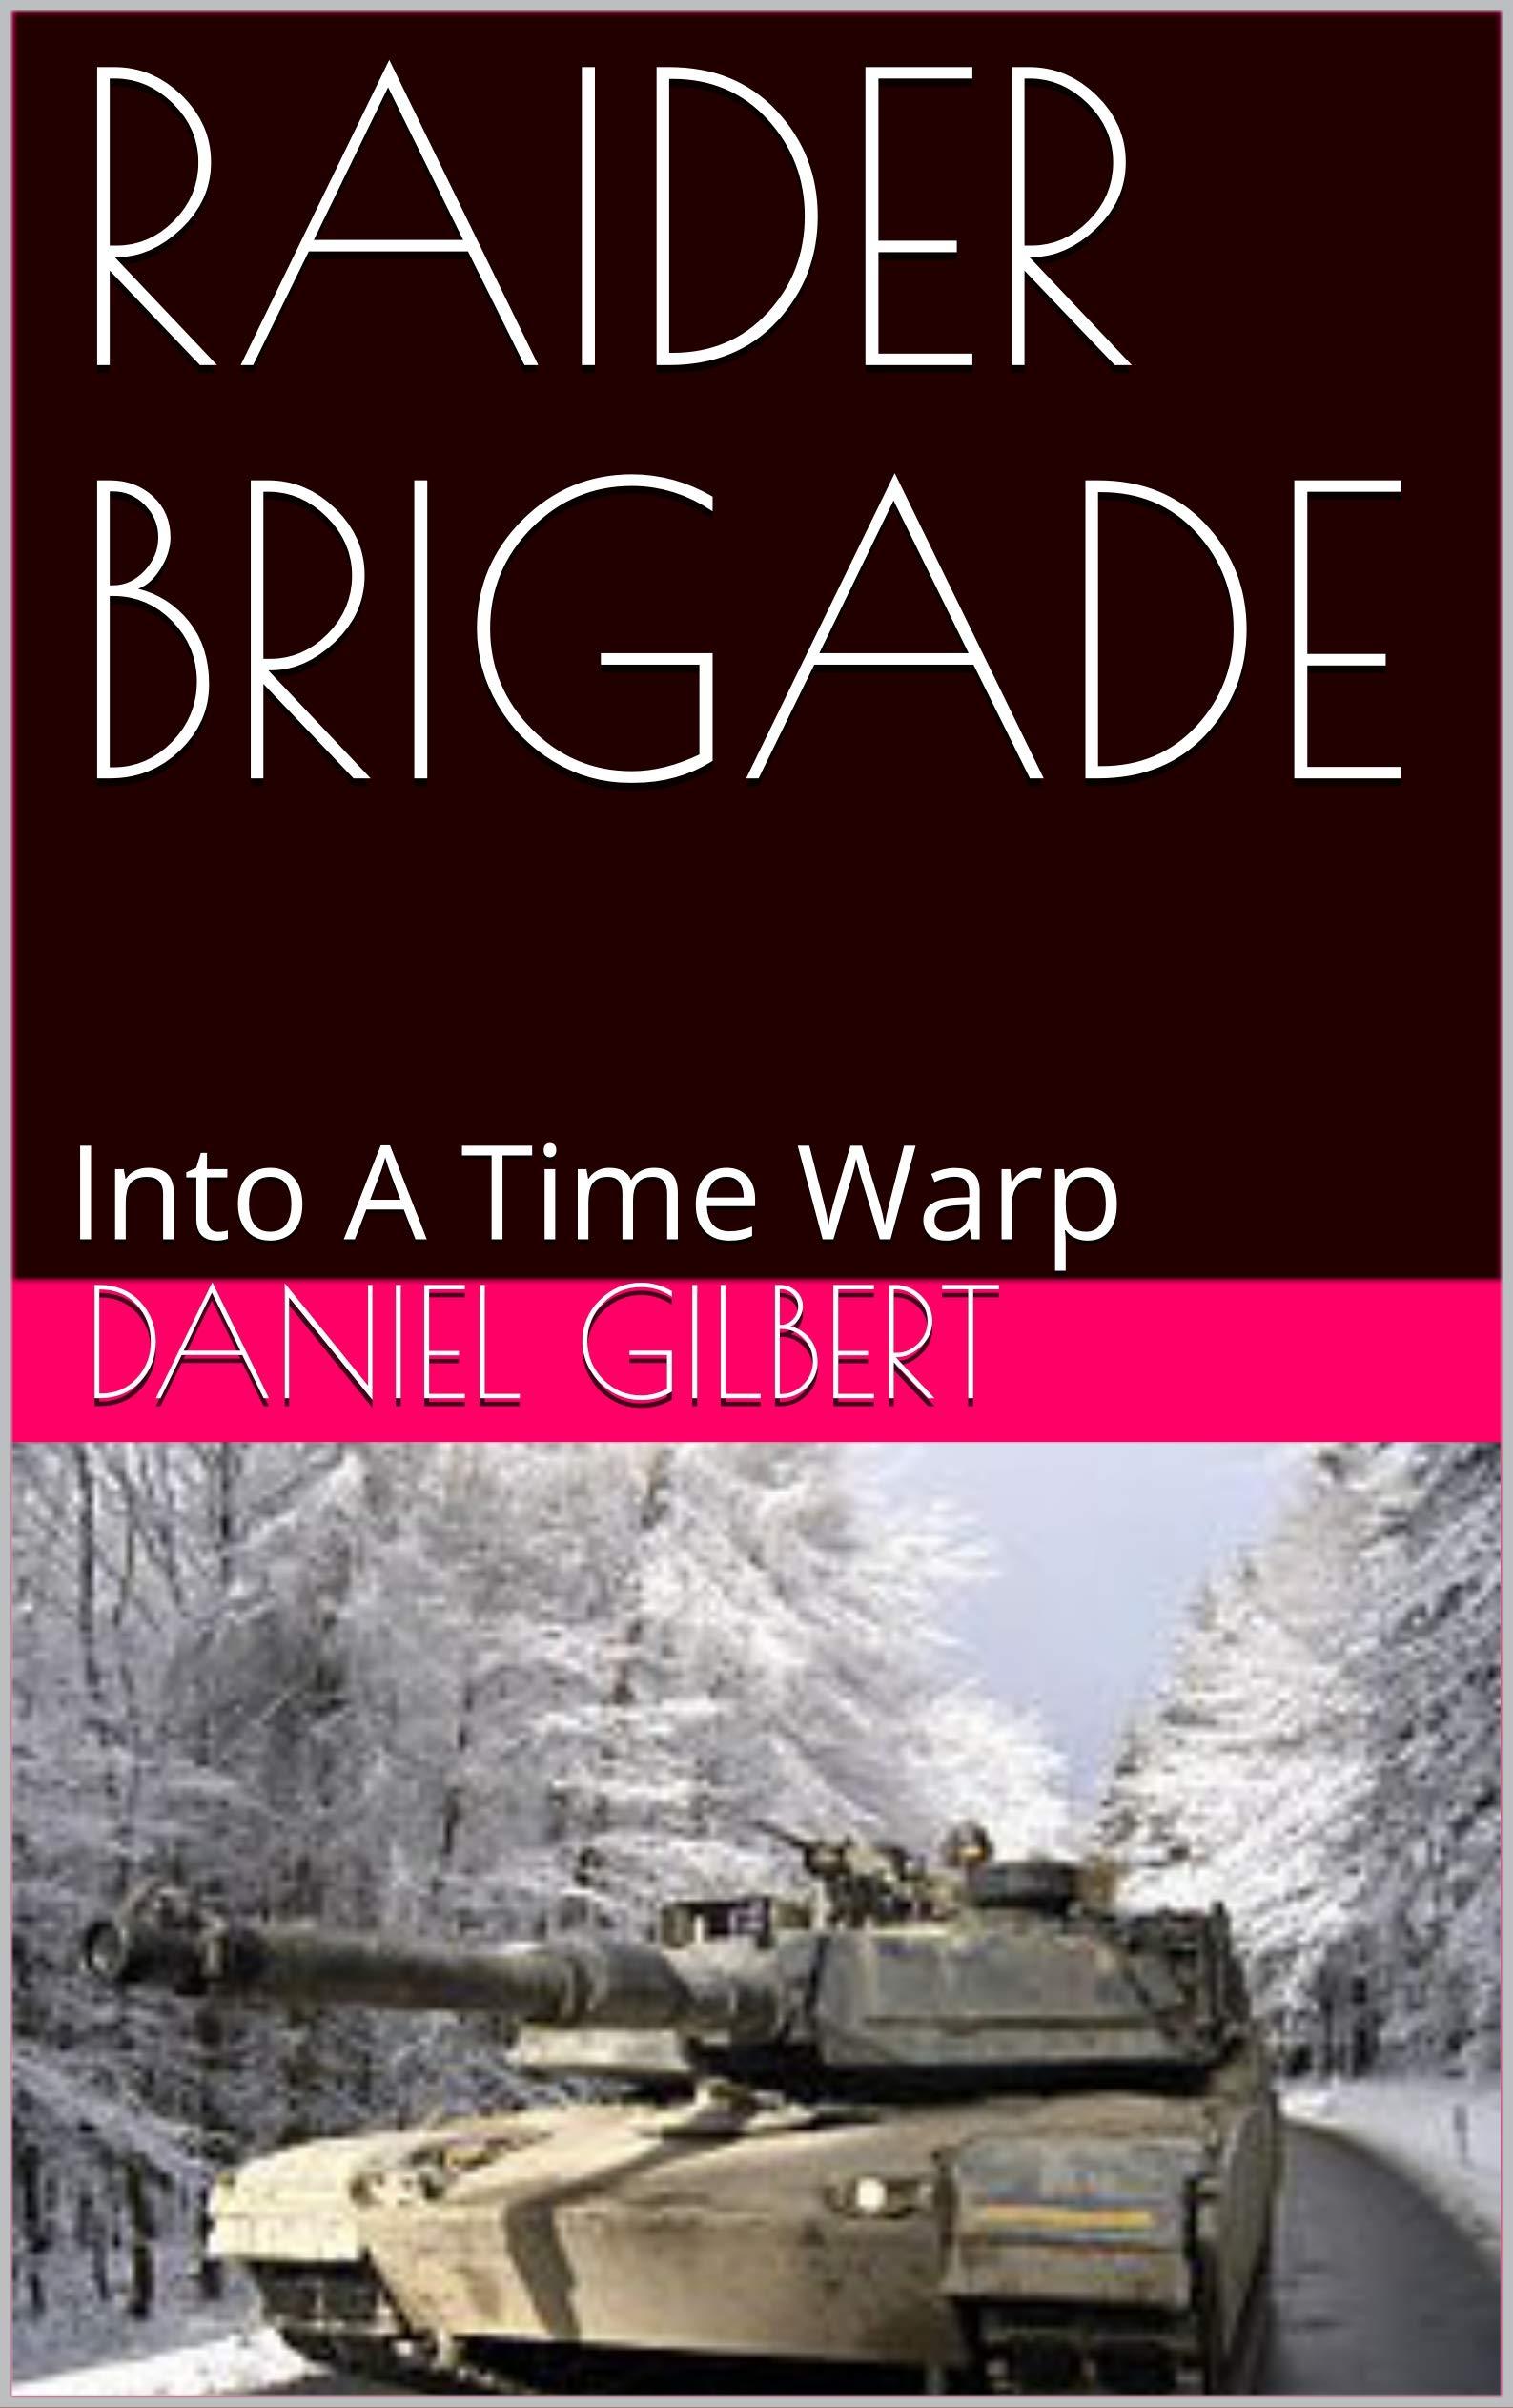 RAIDER BRIGADE: Into A Time Warp